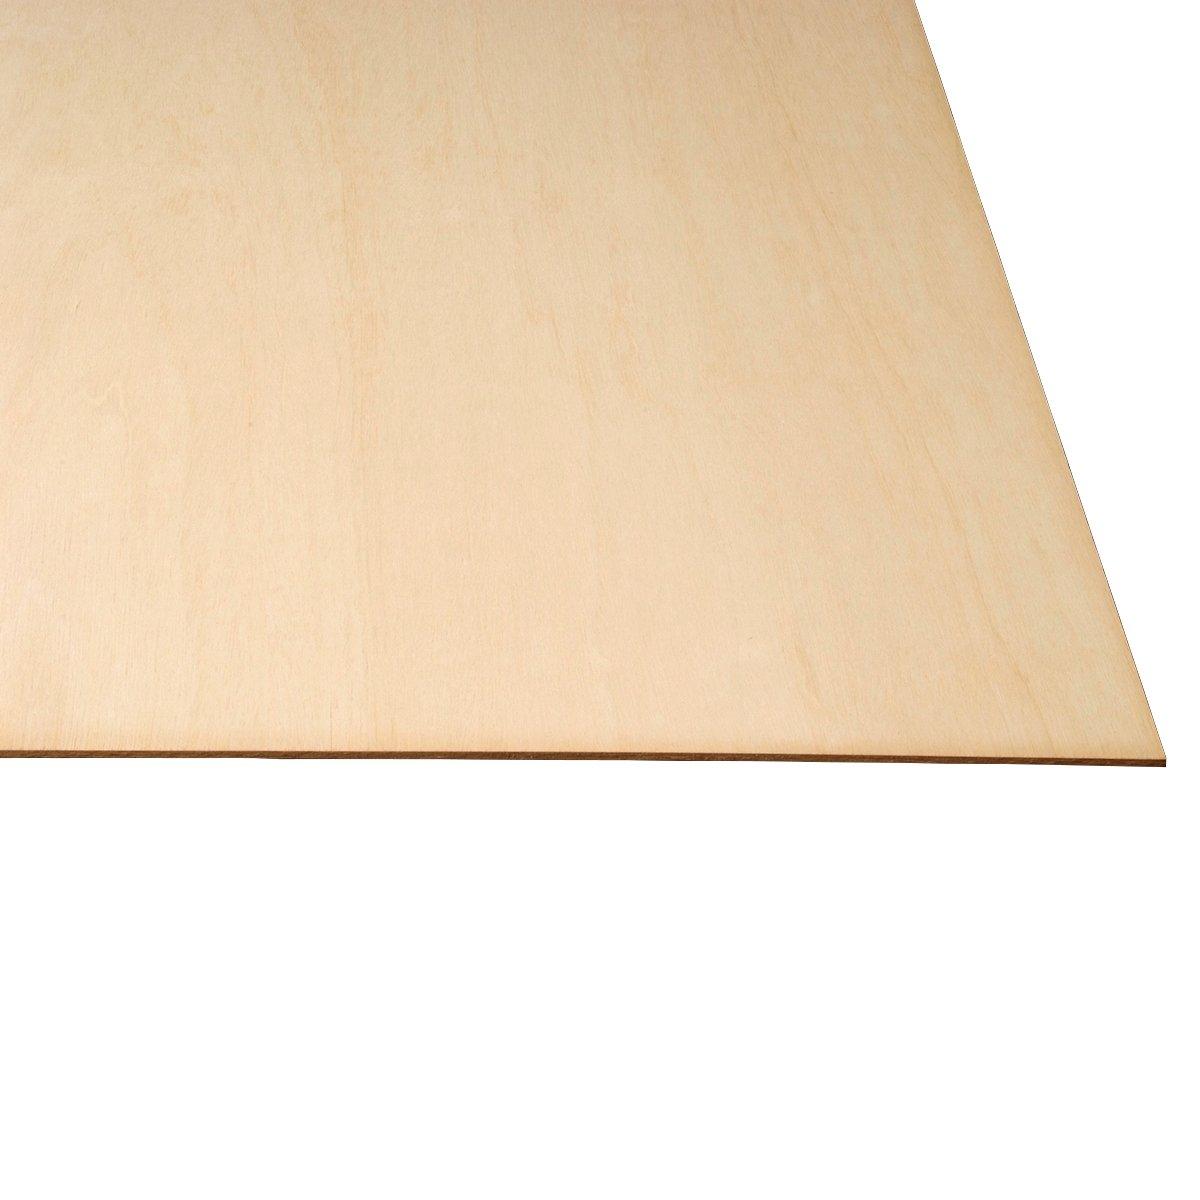 LASERWOOD Baltic Birch Plywood 1/8 x 12 x 20 pkg 10 by Woodnshop